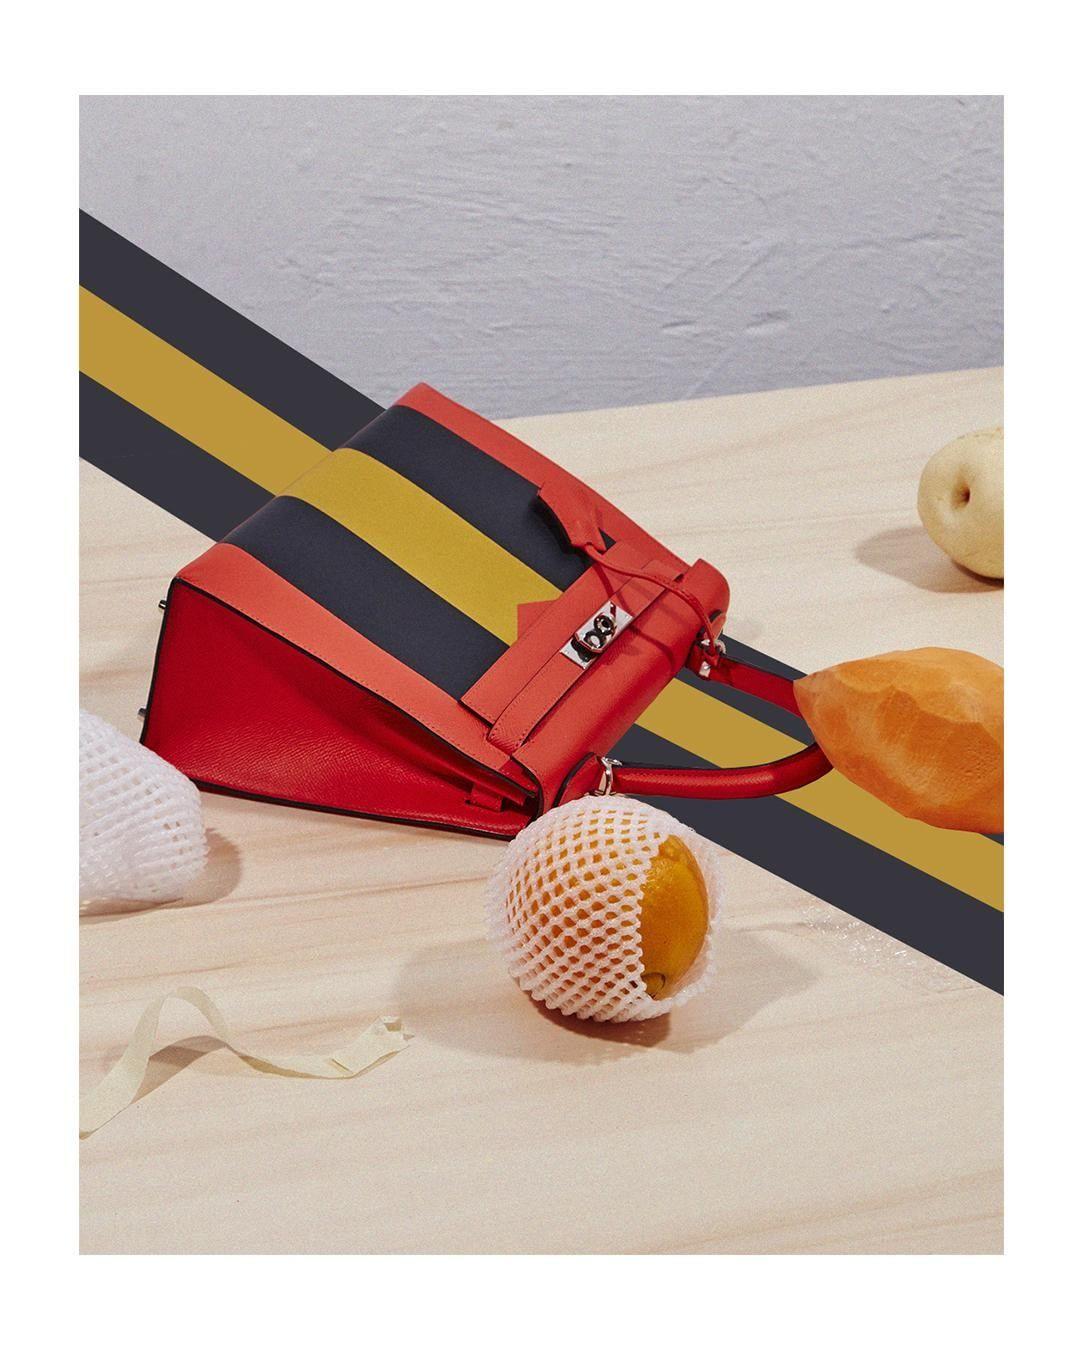 Hermes - Πώς δικαιολογεί τις εξωπραγματικές τιμές στις τσάντες του ... 4725923c5e7